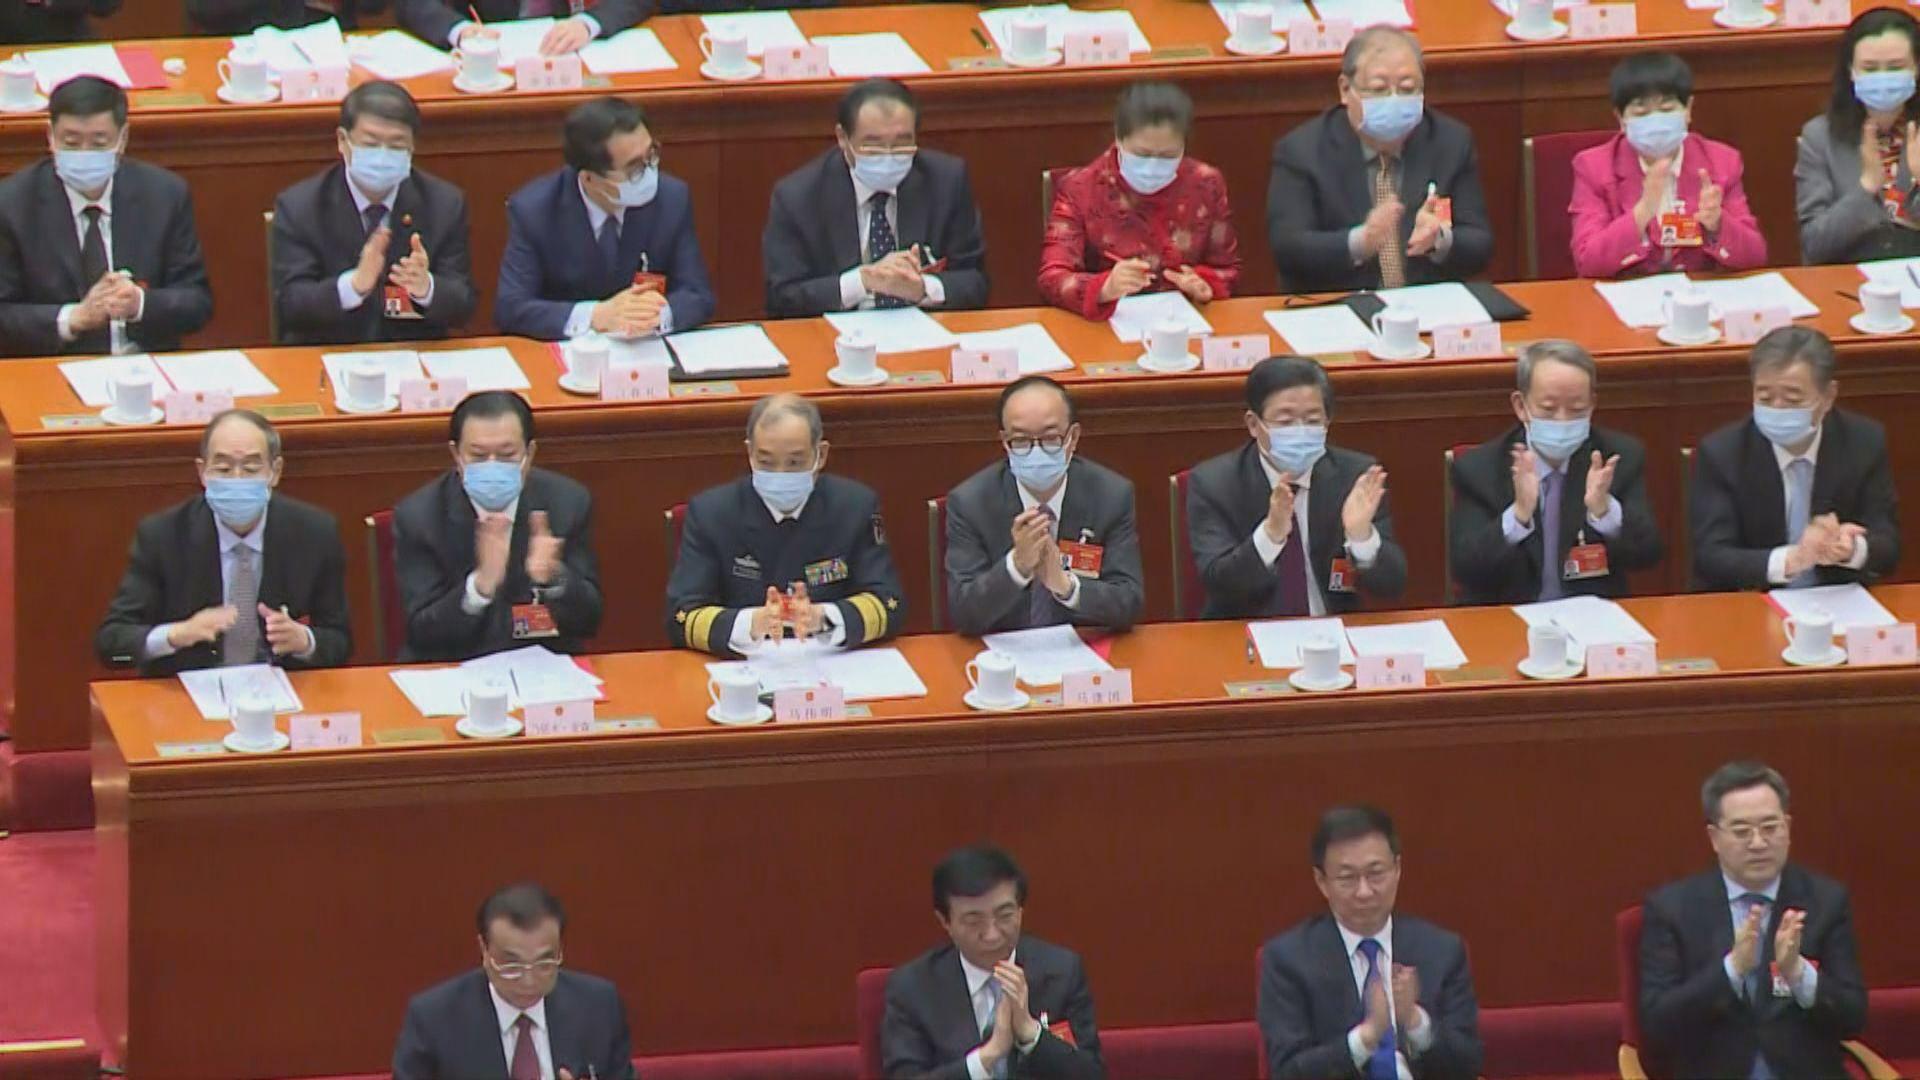 人大常委會下周審議改革香港選舉制度 未知今次會議會否表決